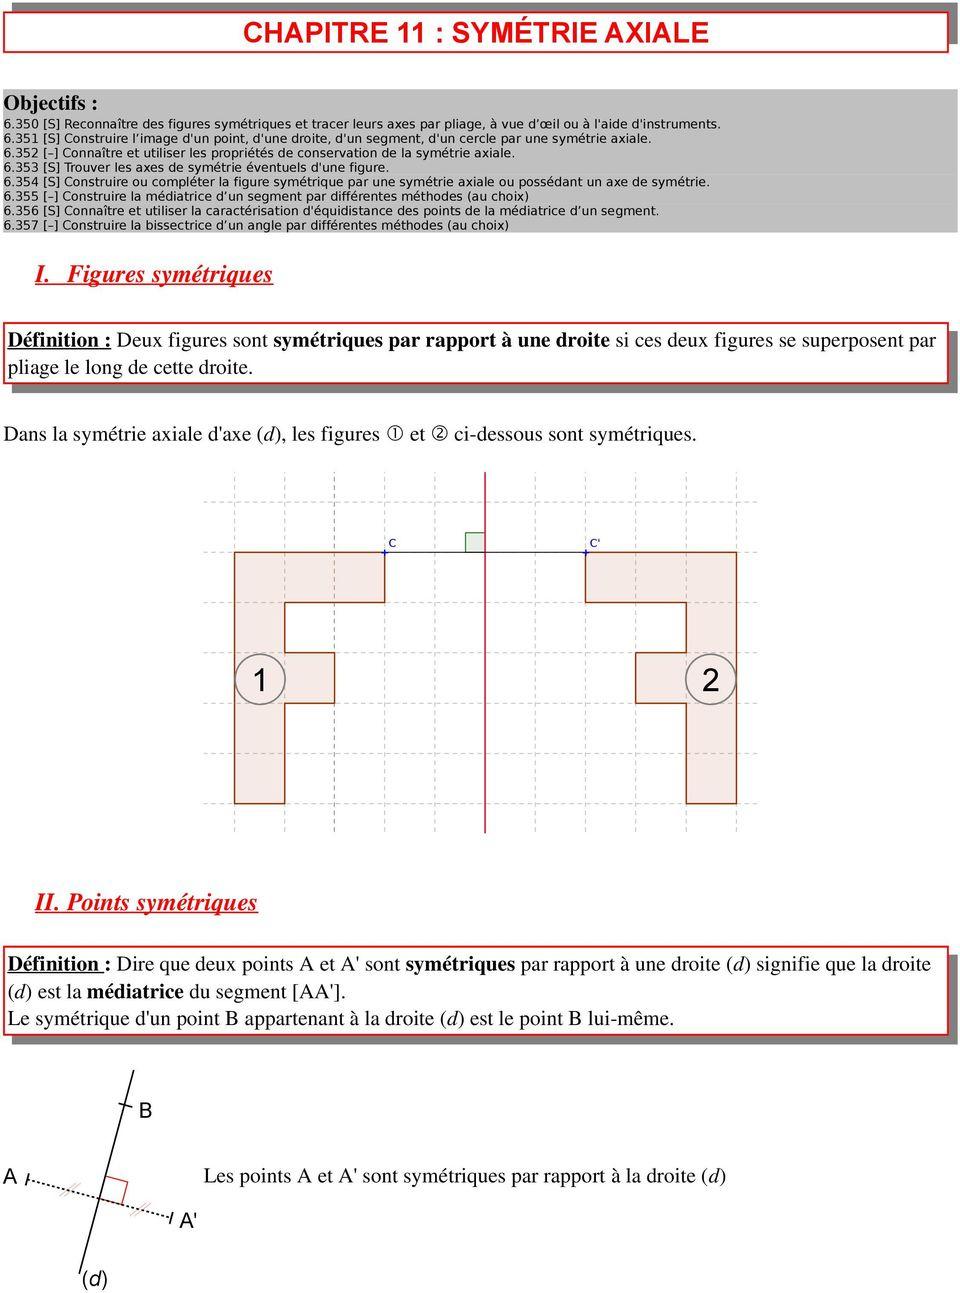 Chapitre 11 : Symétrie Axiale - Pdf Concernant Symétrie Cm1 pour Exercice Symétrie Ce1